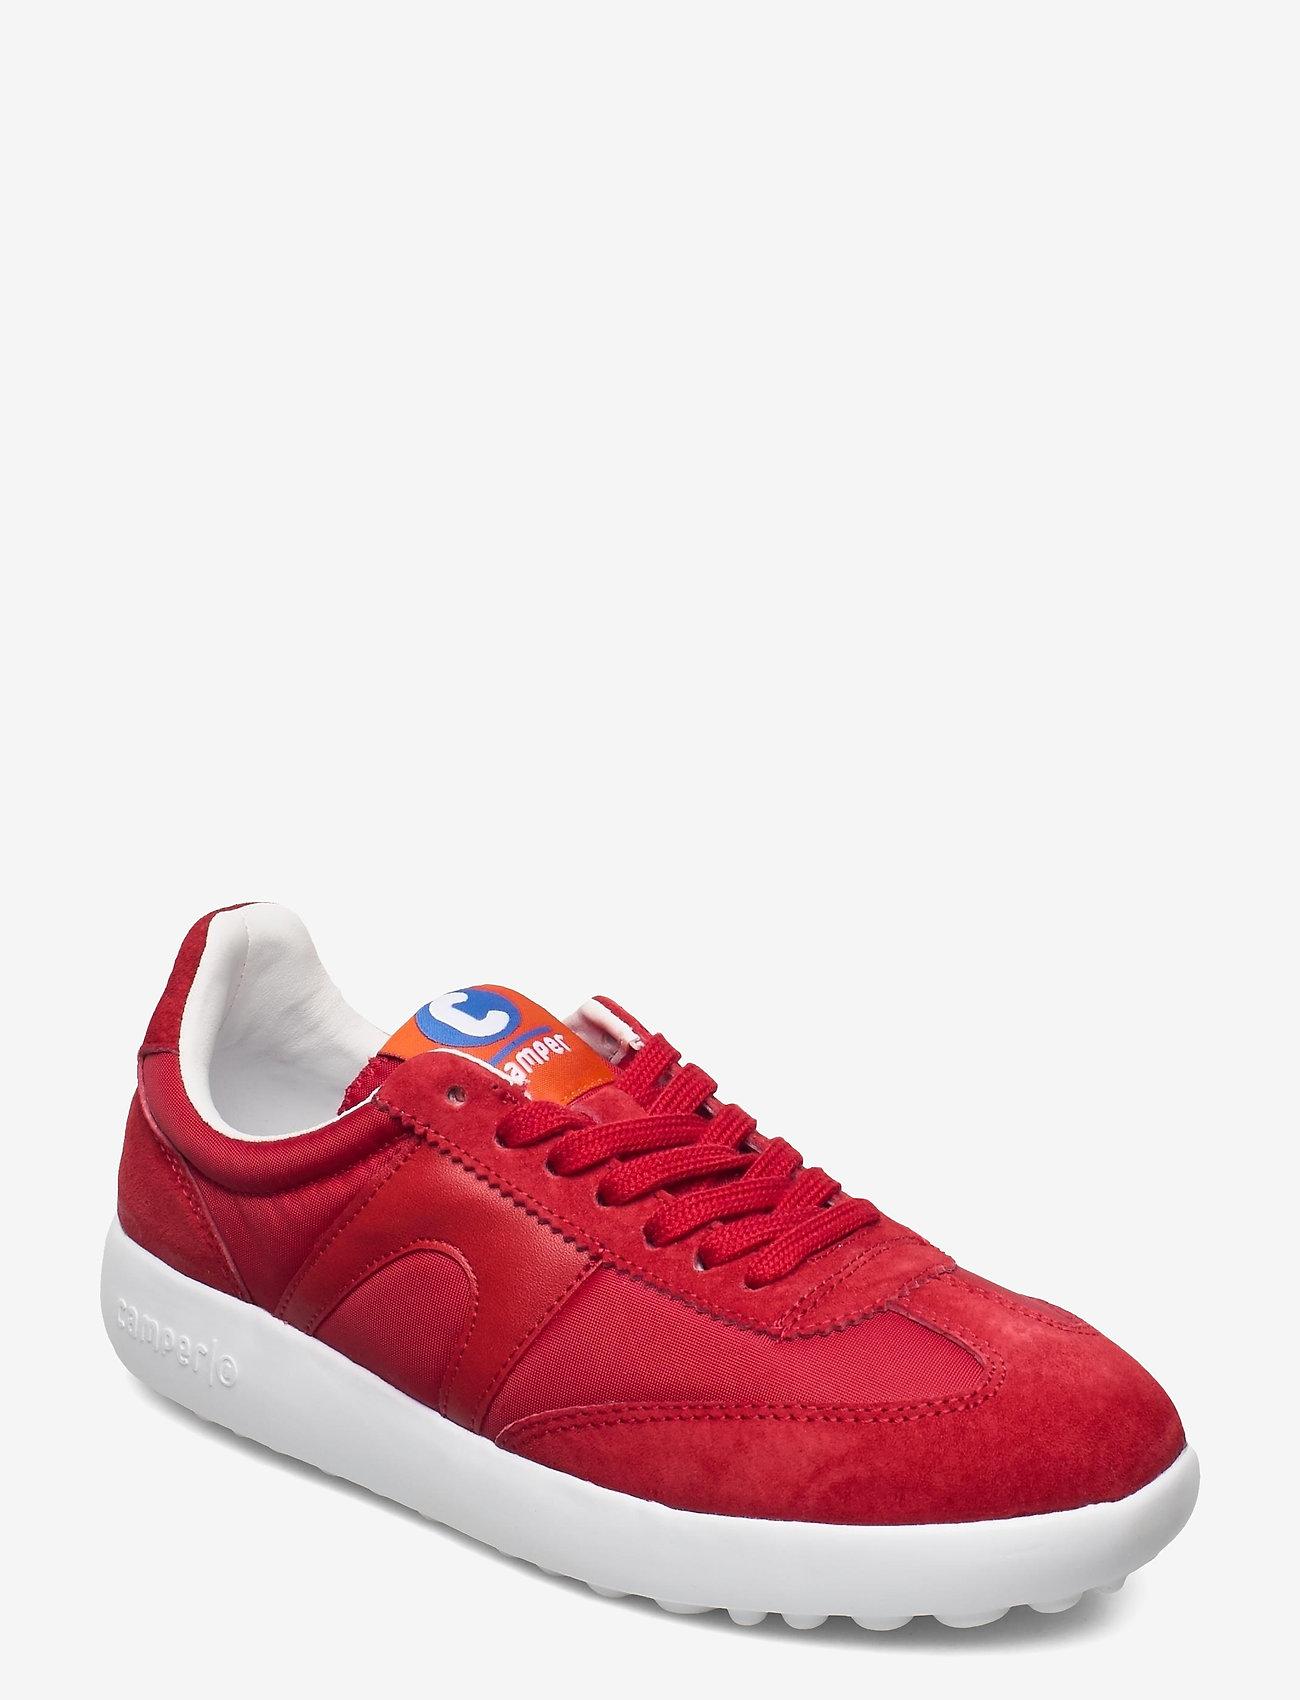 Camper - Pelotas - lage sneakers - medium red - 0